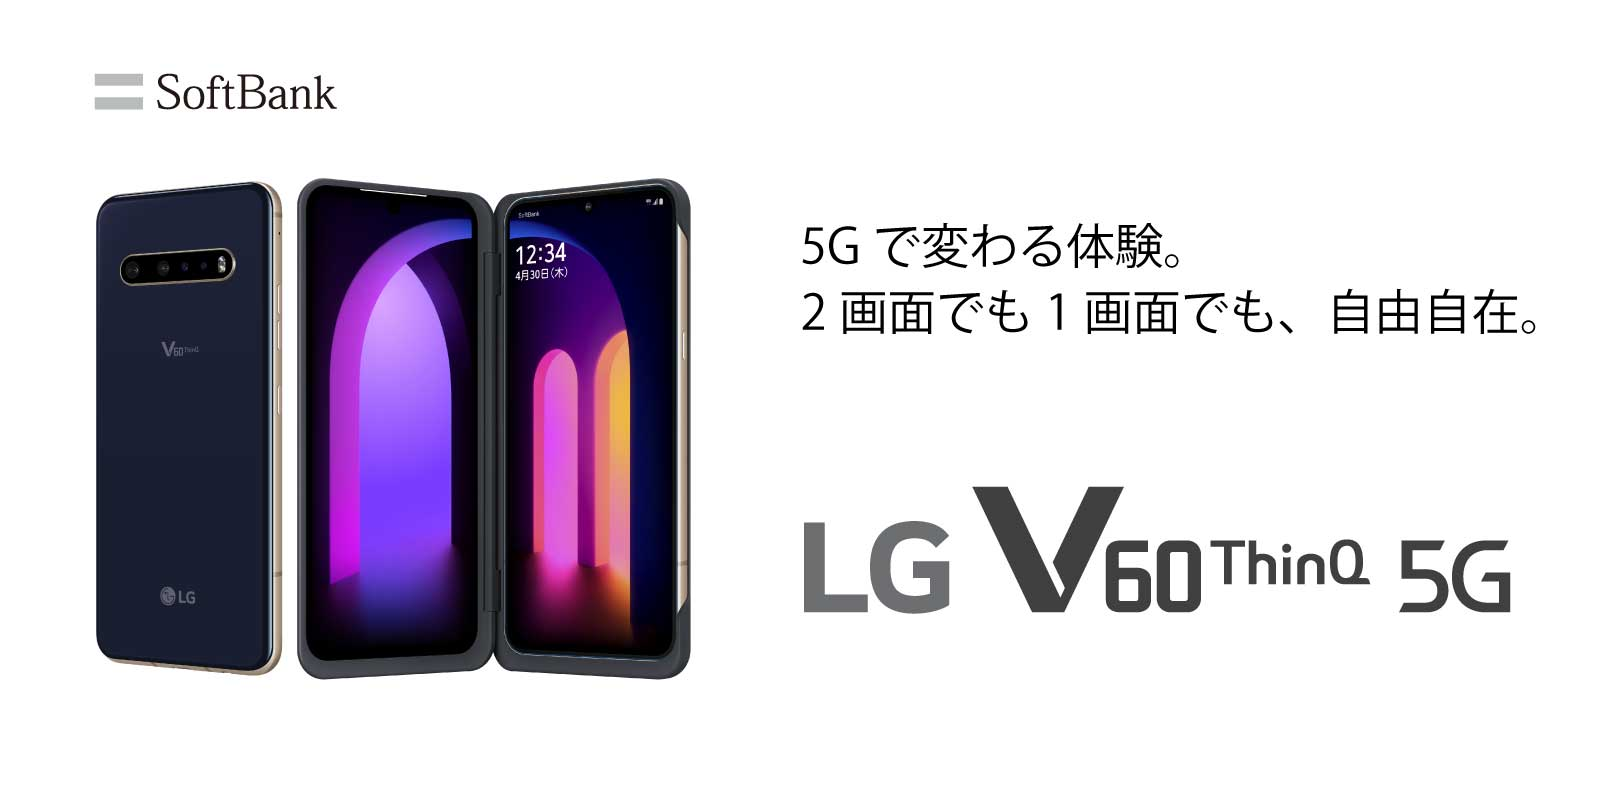 ソフトバンクのLG V60 ThinQ 5G